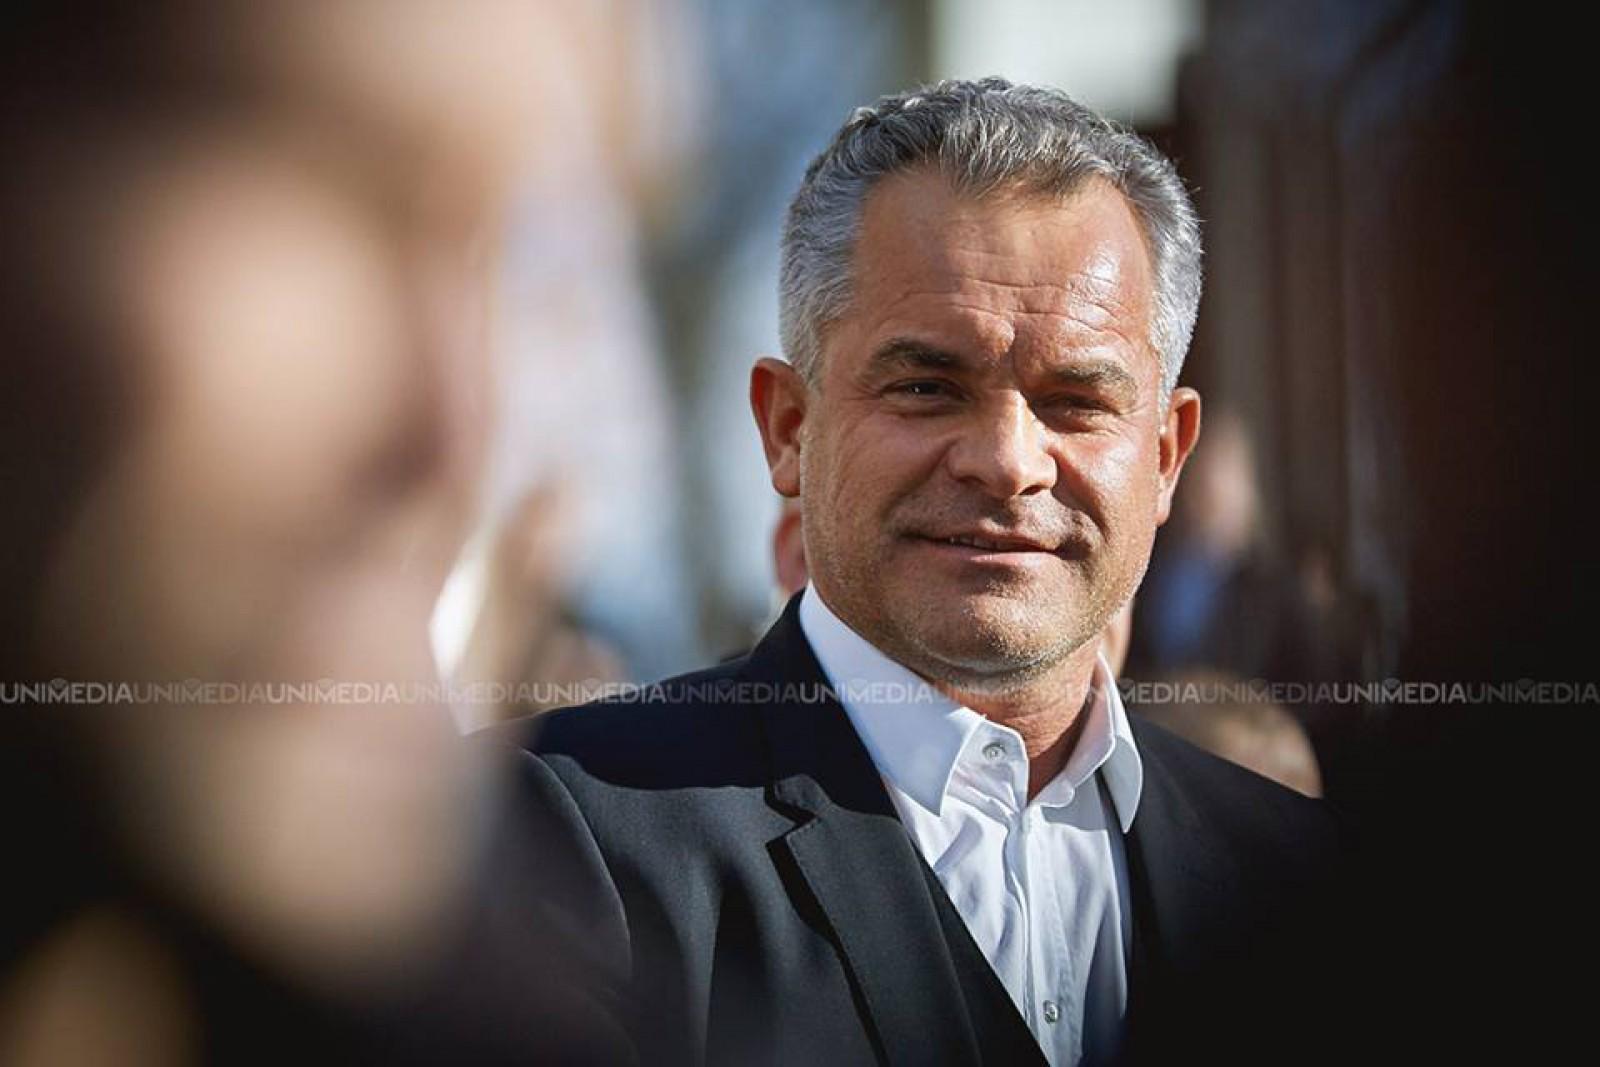 """Vitalie Gamurari se abține să comenteze decizia DIICOT de a expedia dosarul lui Vlad Plahotniuc în R. Moldova: """"Pot fi interpretări greșite"""""""